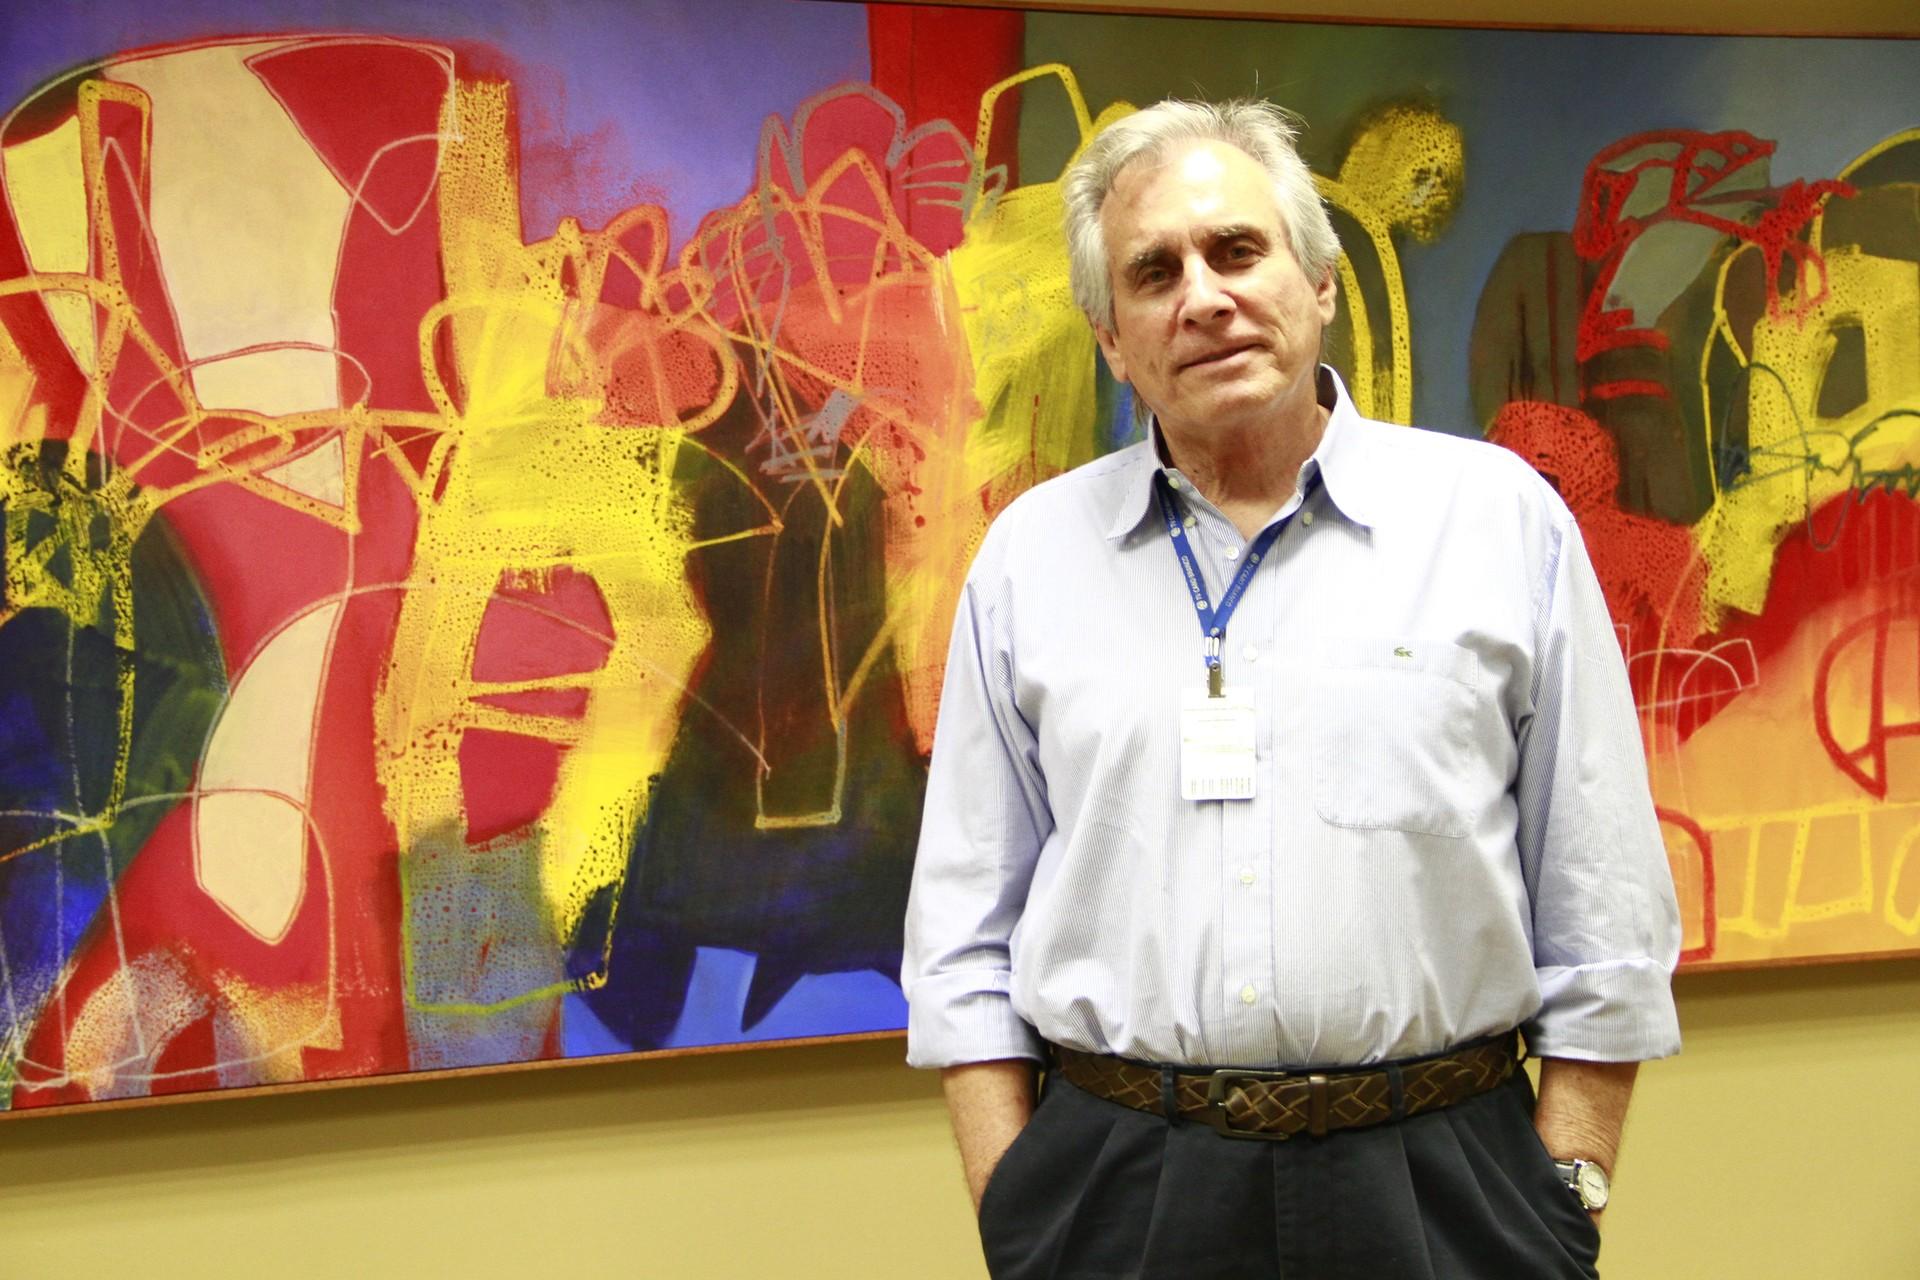 Superintendente da Rede Paraíba de Comunicação, Guilherme Lima, fez balanço do projeto de expansão do sinal digital que começou em 2009 (Foto: Kleide Teixeira/Jornal da Paraíba)